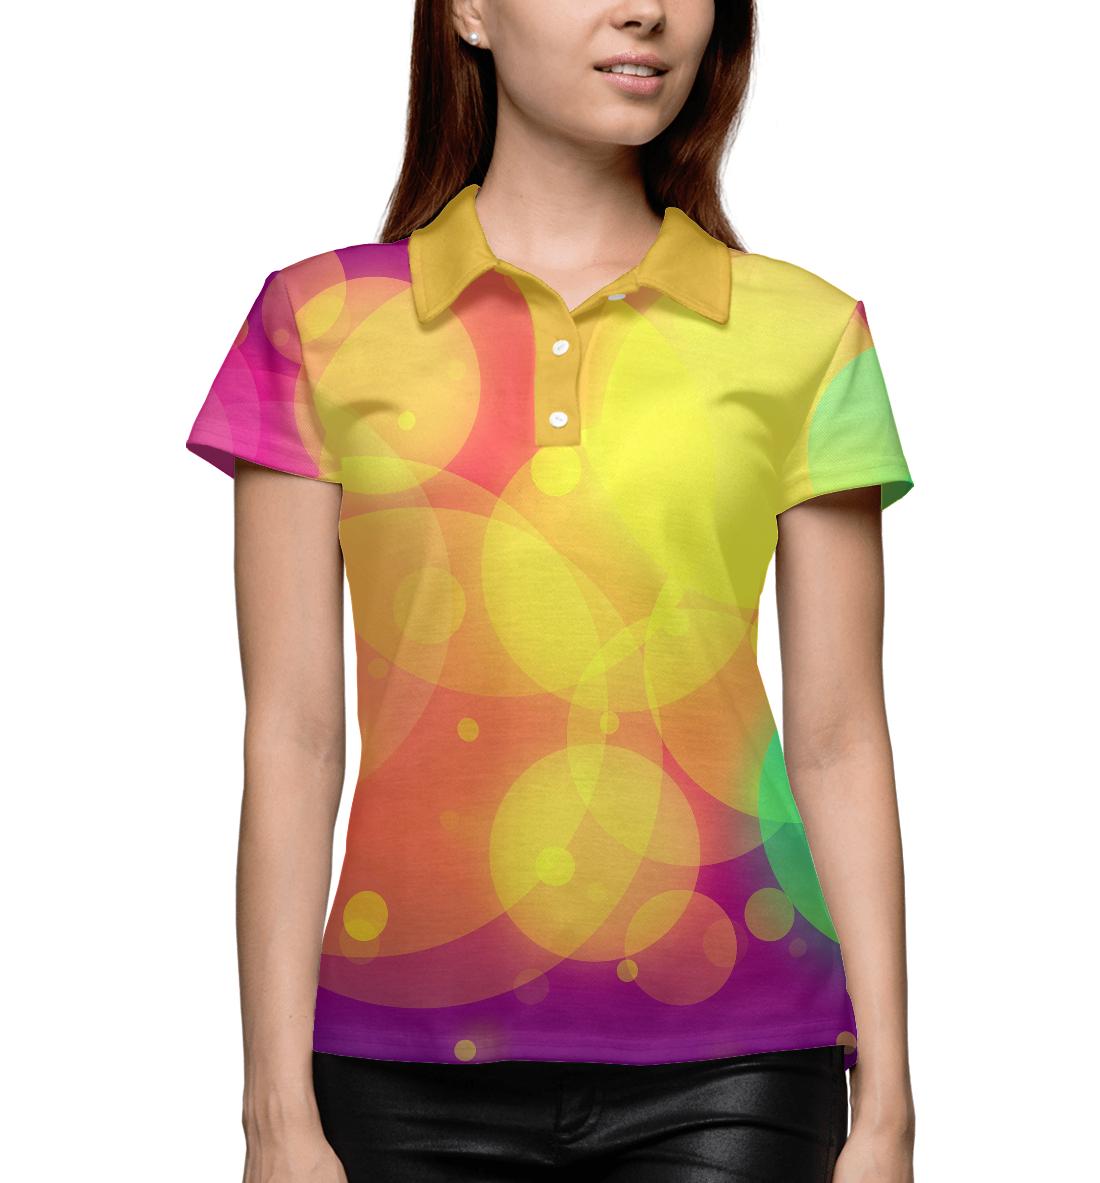 Купить Цветные блики, Printbar, Поло, APD-940431-pol-1